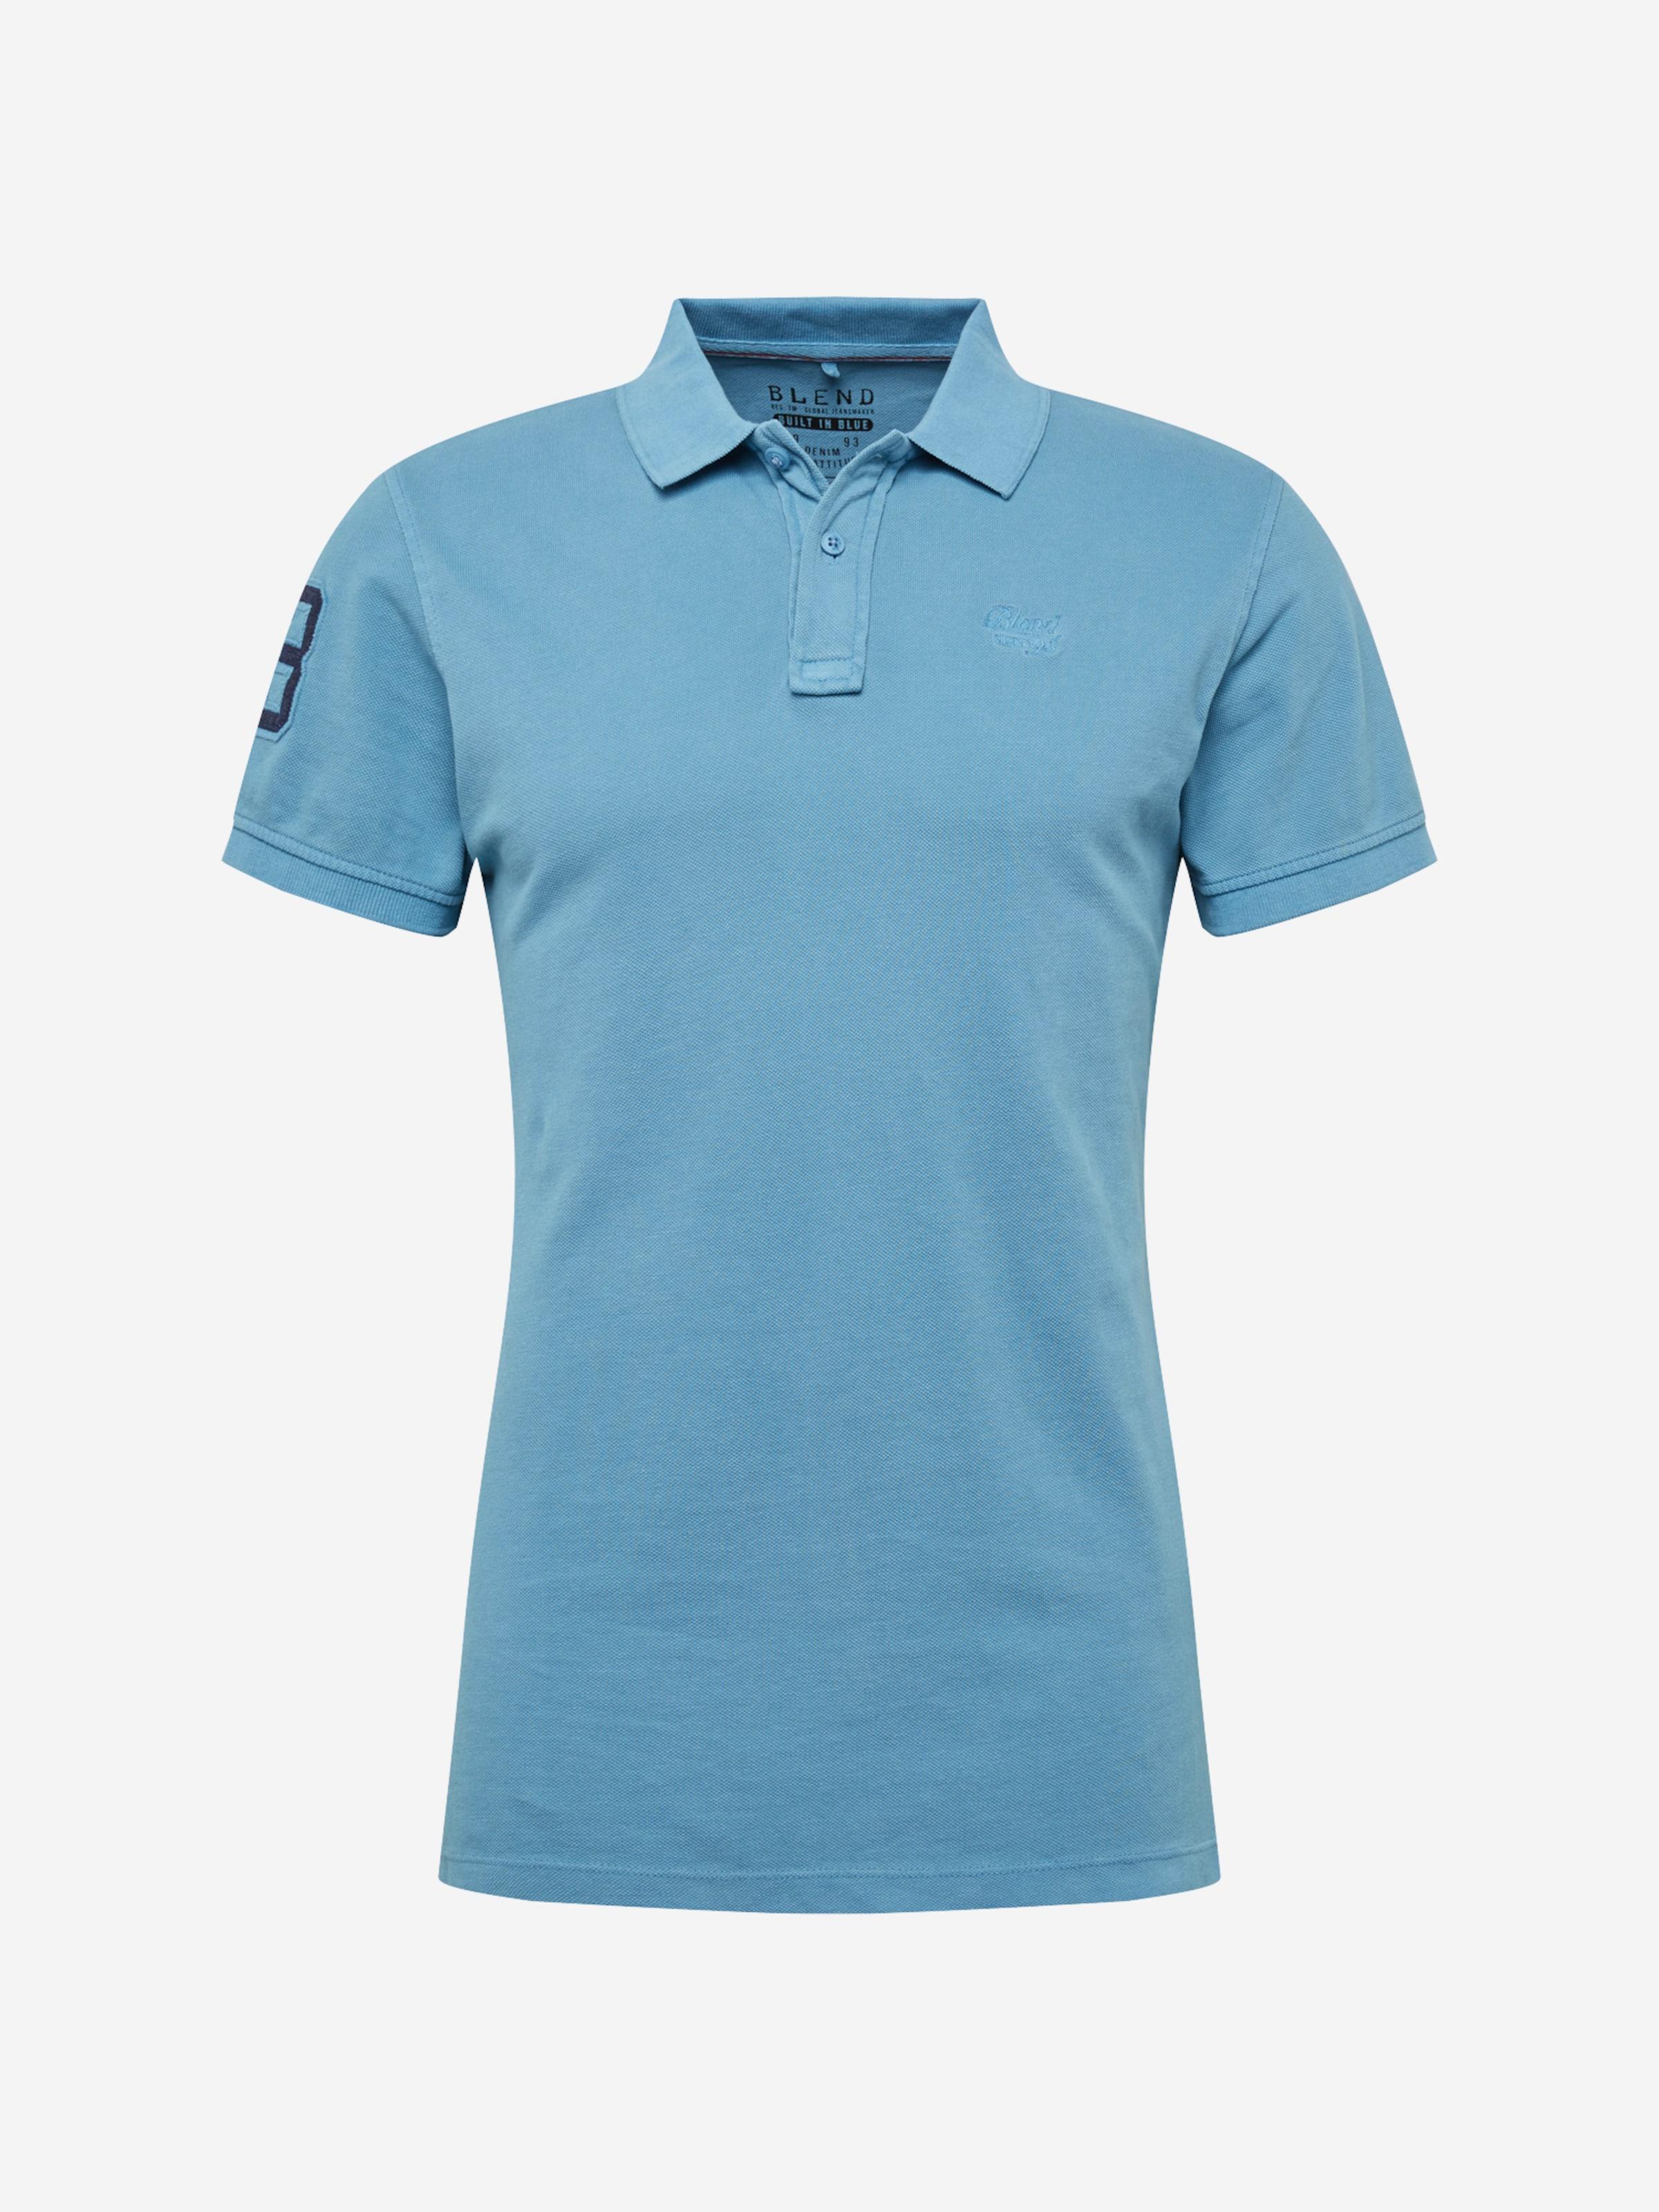 En Blend 'tee' Bleu Clair T shirt jL54AR